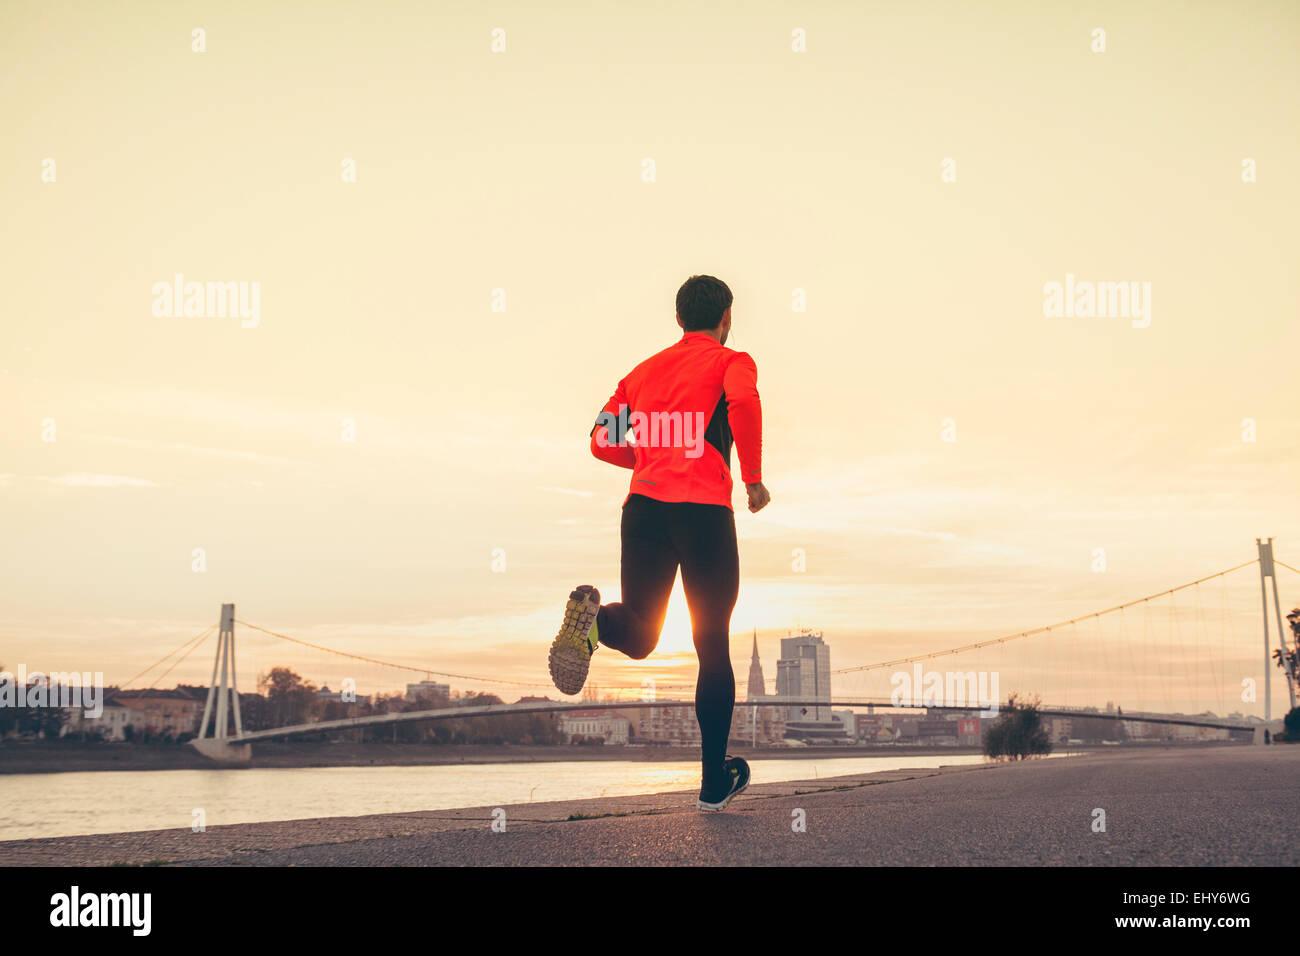 Mann Joggen am Wasser gegen die Skyline der Stadt Stockbild